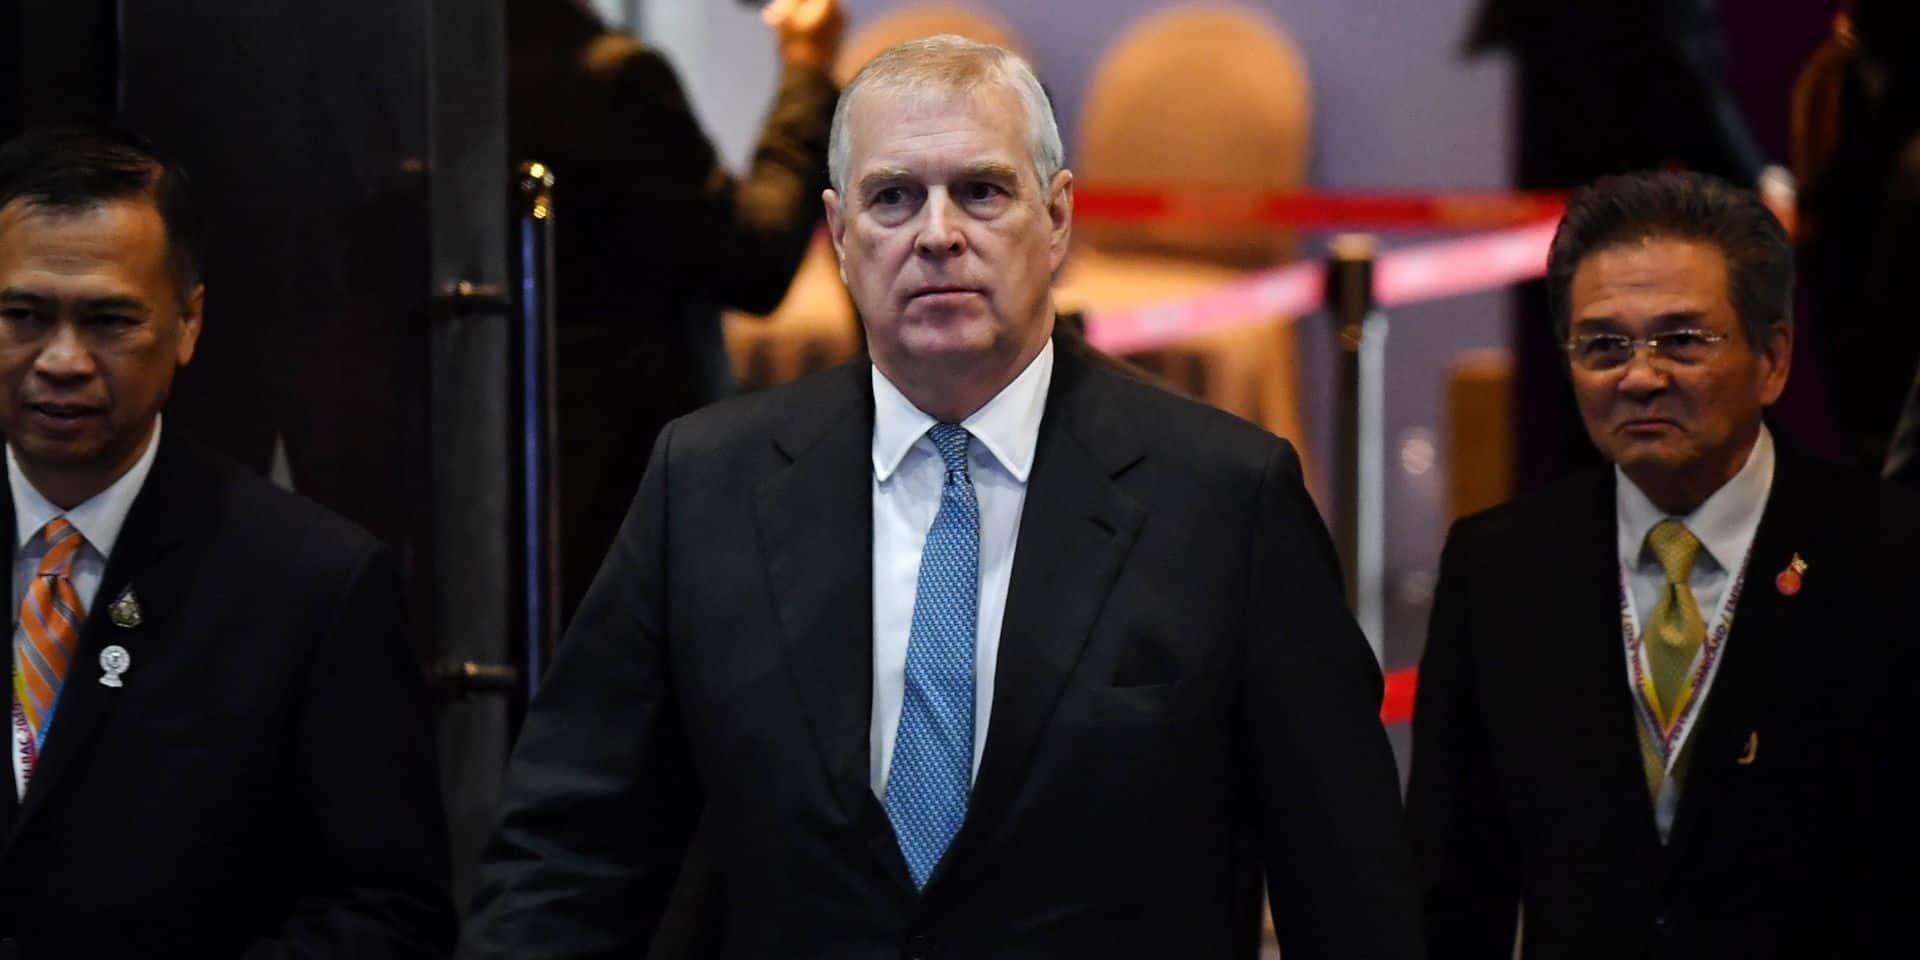 Affaire Epstein: université et entreprises prennent leurs distances avec le Prince Andrew